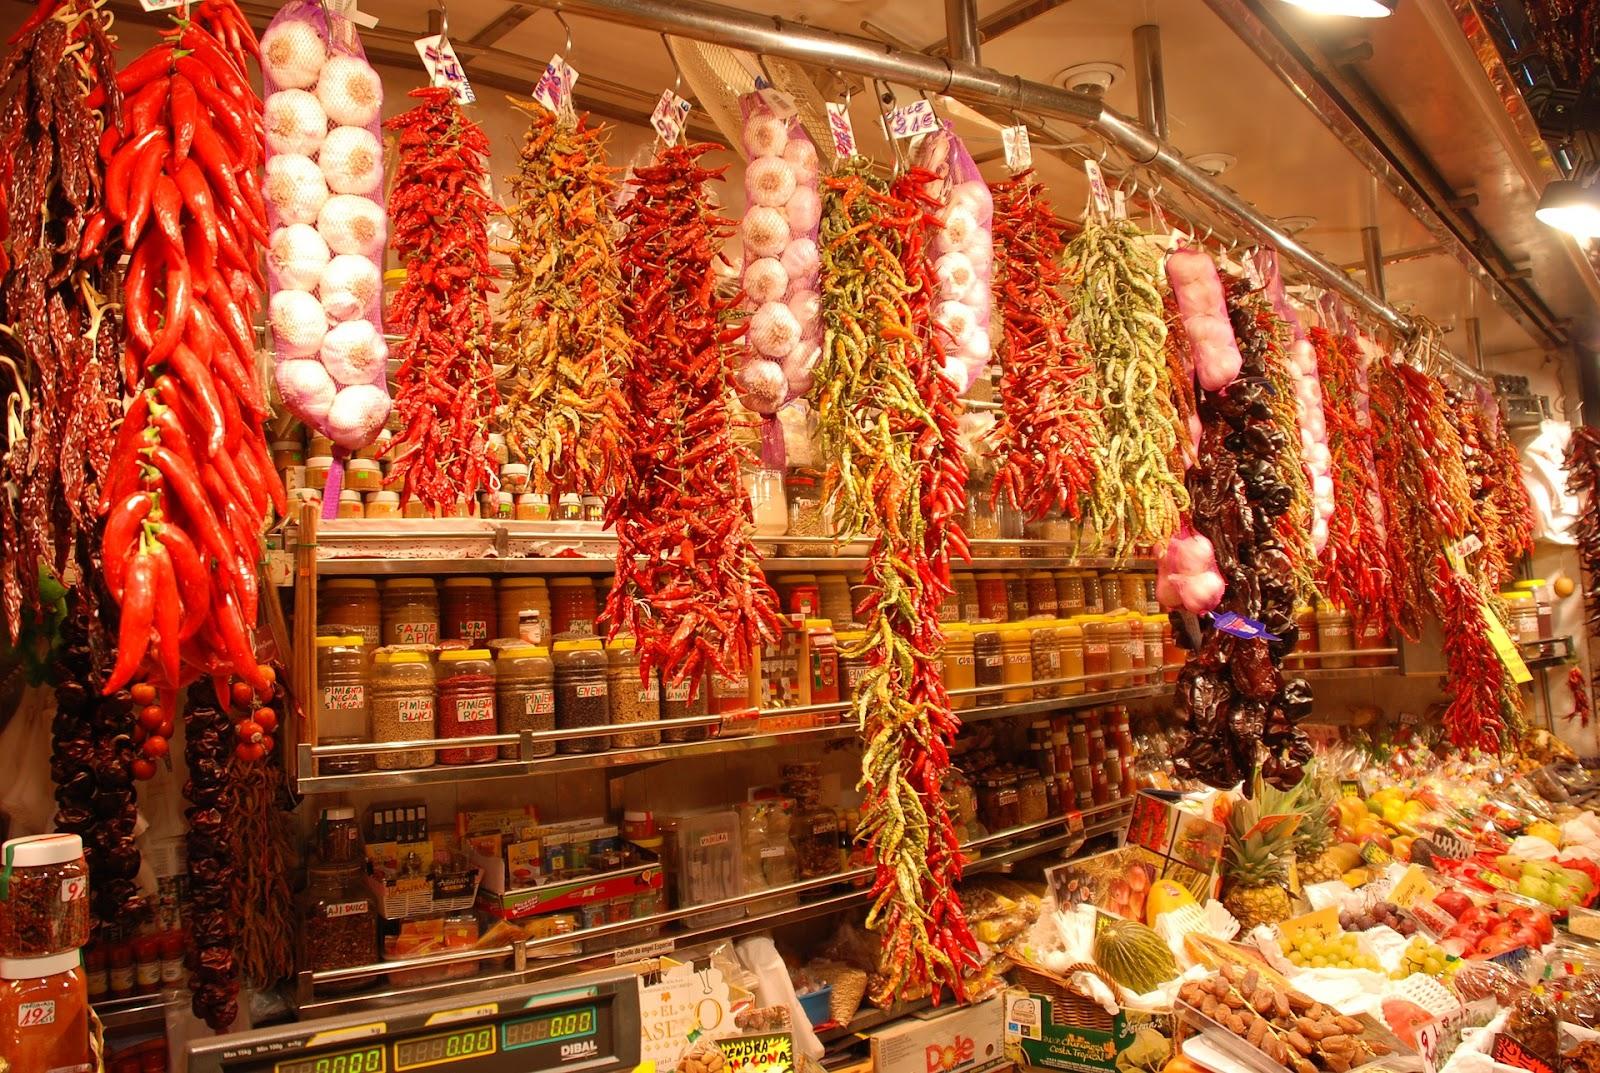 Ver Puesto de especias en el Mercado de La Boquería